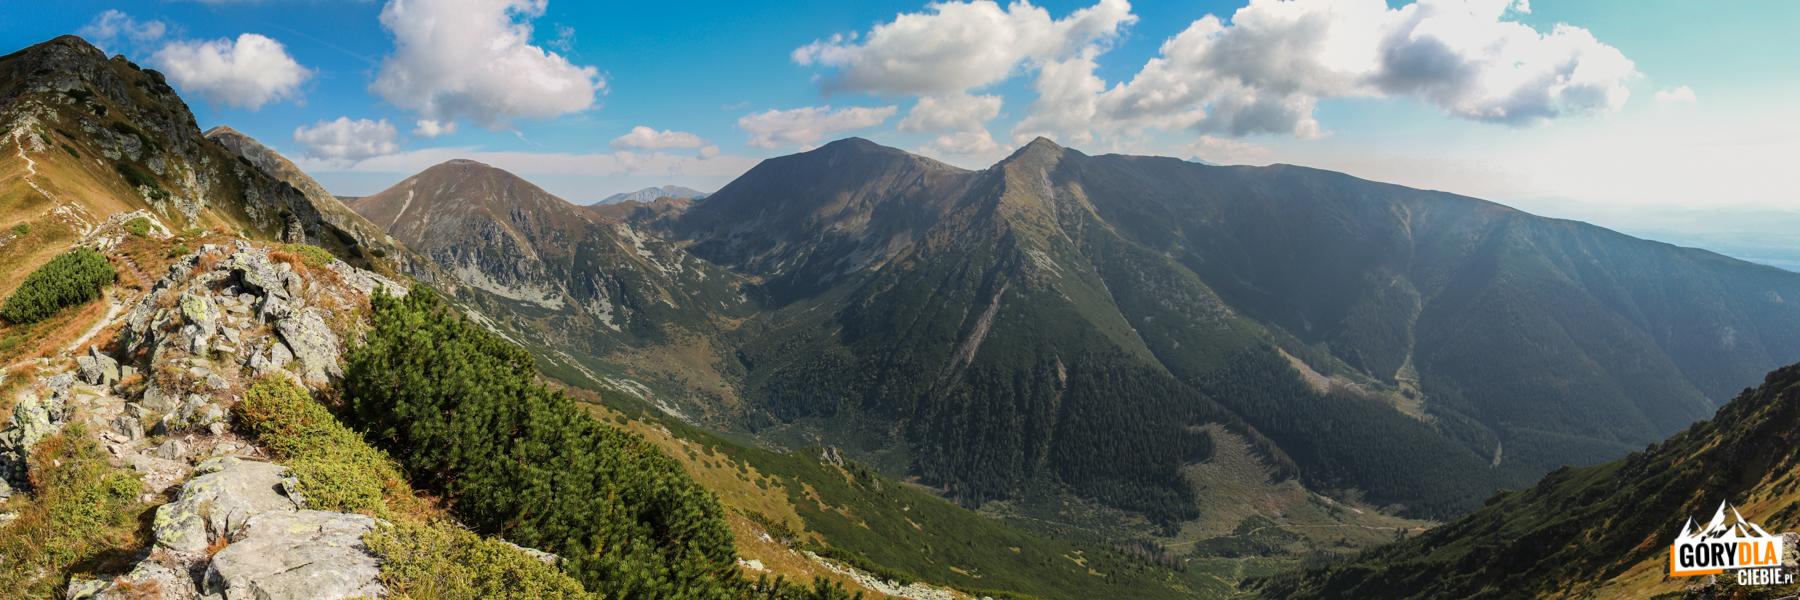 Panorama zNiżnej Magury (1920 m) Starorobociański Wierch (2167 m), Błyszcz (2159 m), Bystrą (2248 m) iZadnią Kopę (Nižná Bystrá 2162 m)